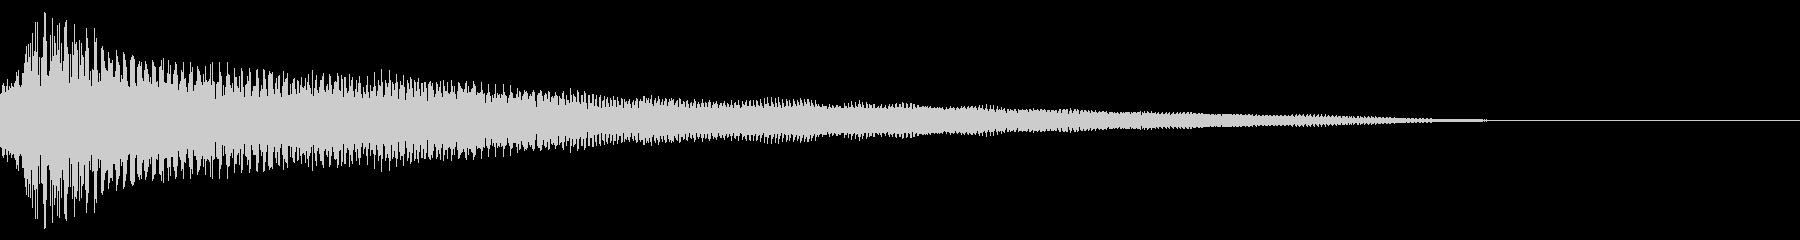 繊細で絹のような音と繊細なハーモニ...の未再生の波形